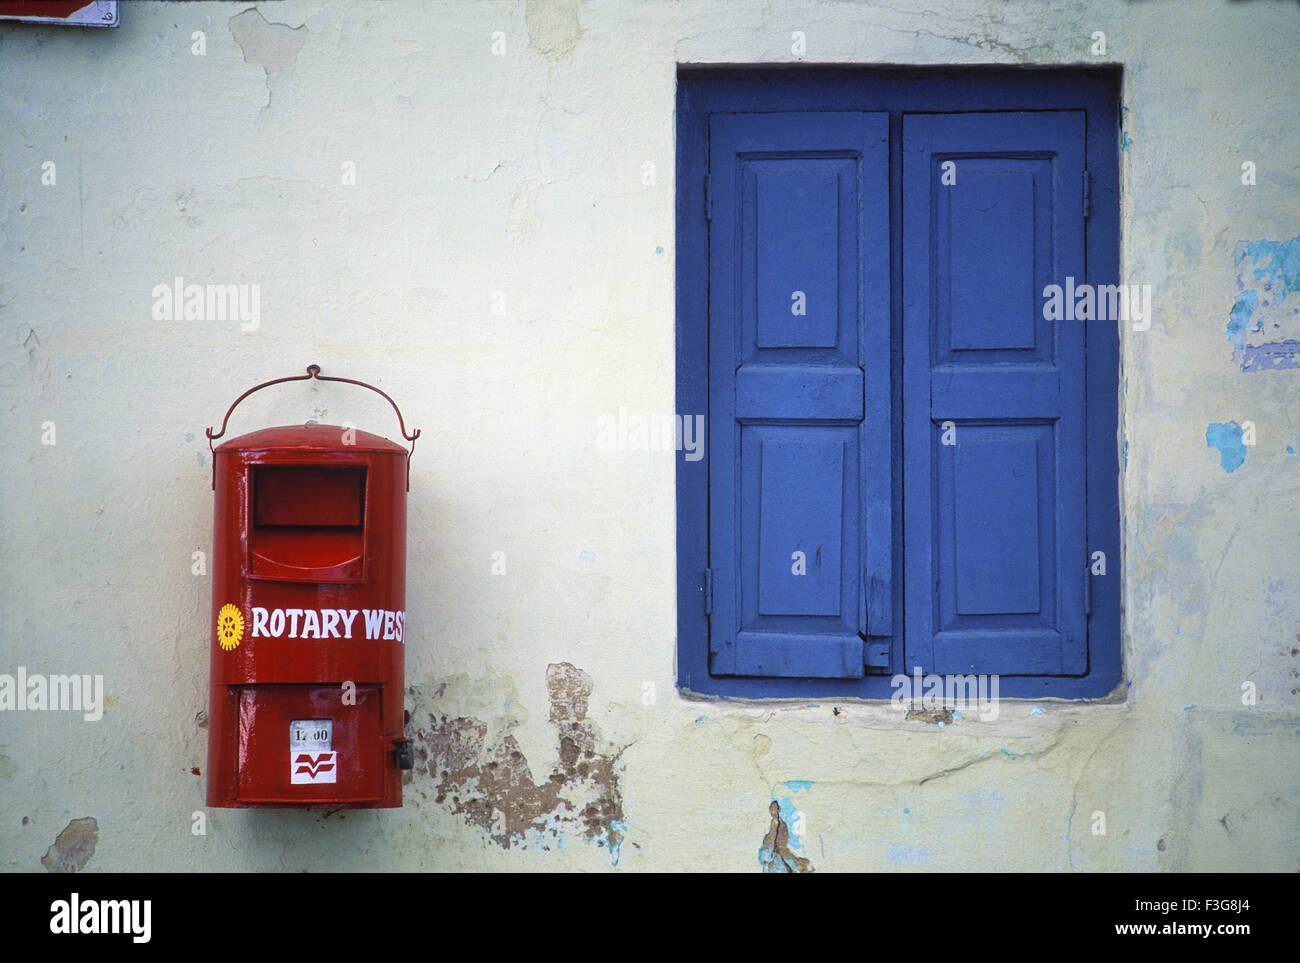 Cuadro Post ; la Fotografía Artística ; India Foto de stock